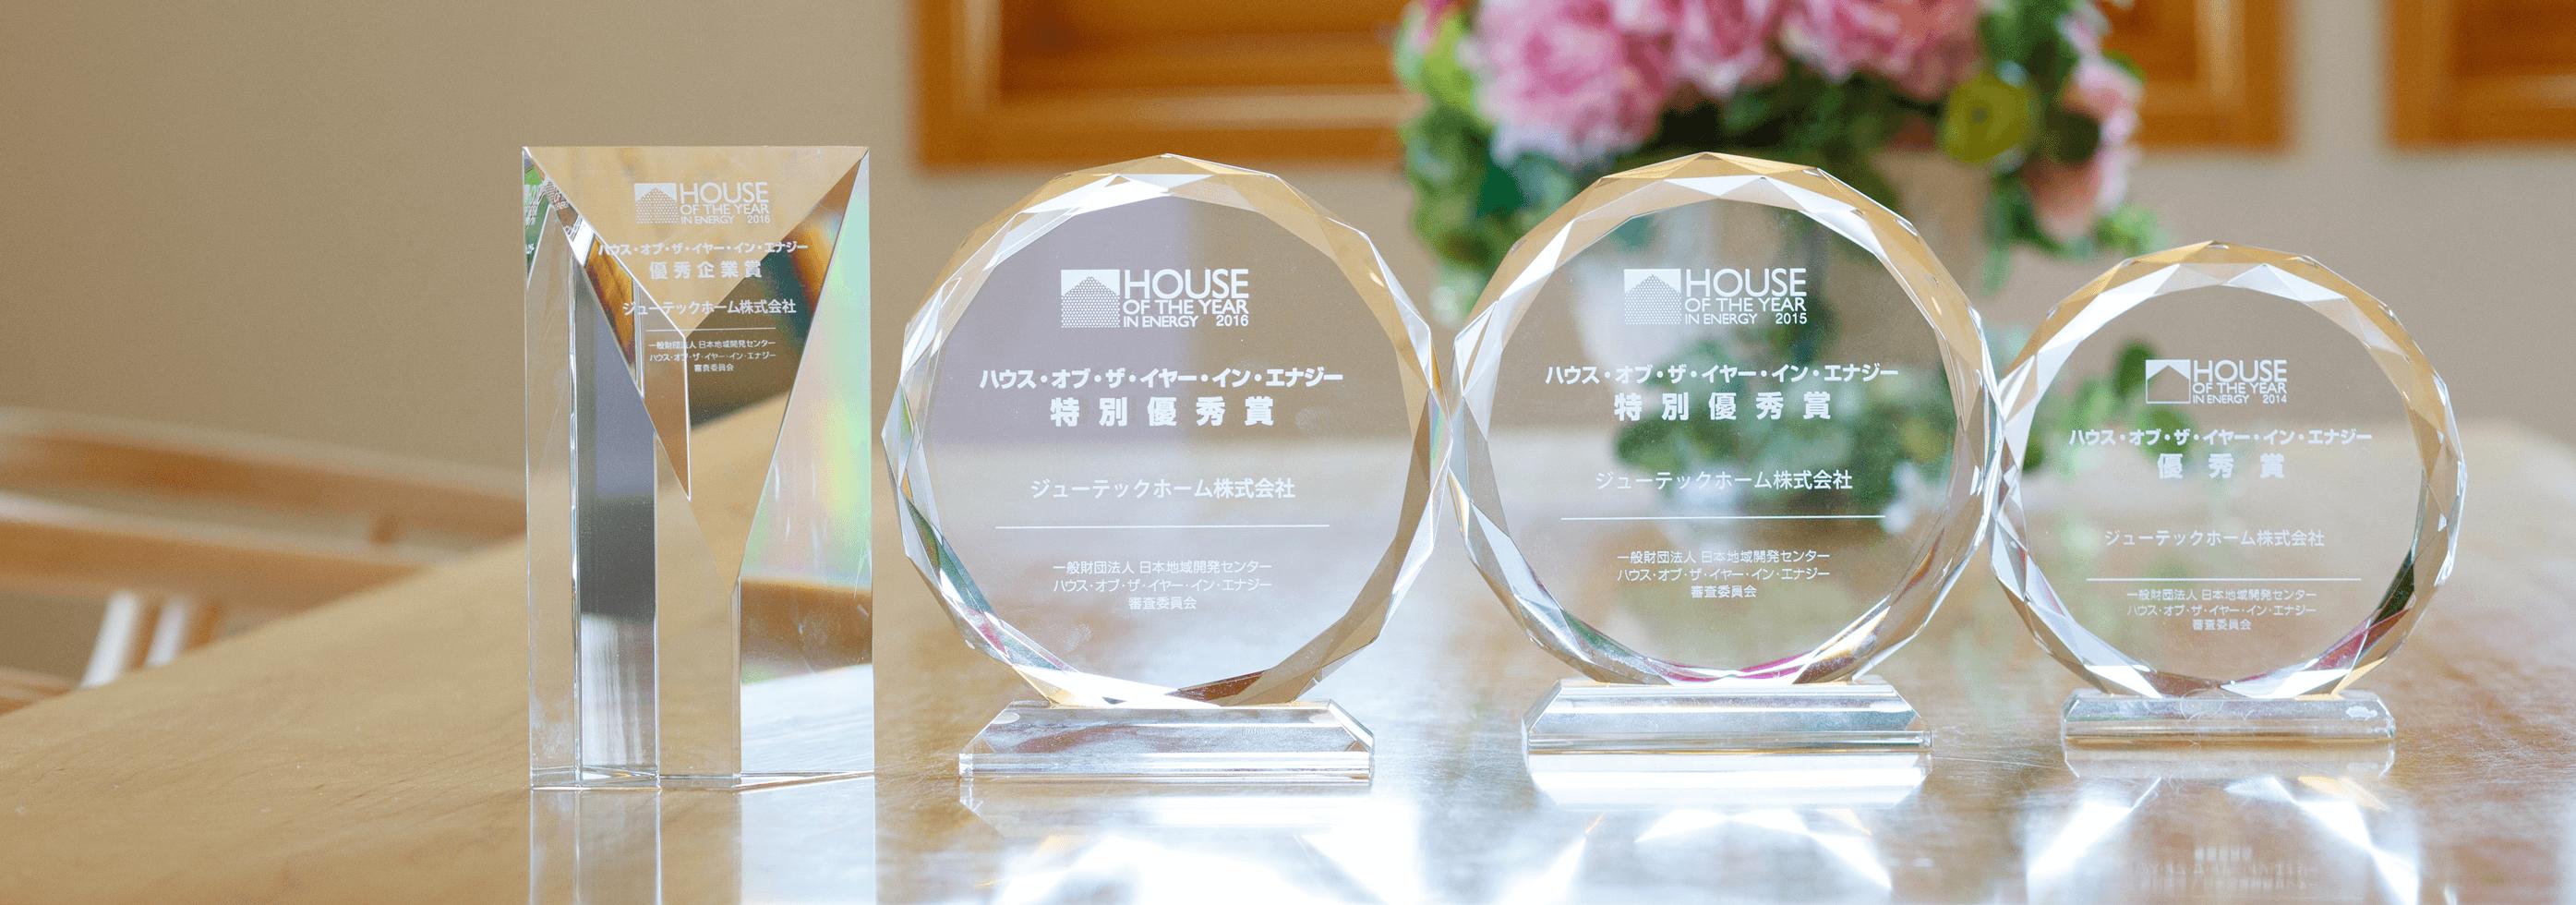 ハウス・オブ・ザ・イヤー・イン・エナジー2016 特別優秀賞+優秀企業賞をW受賞